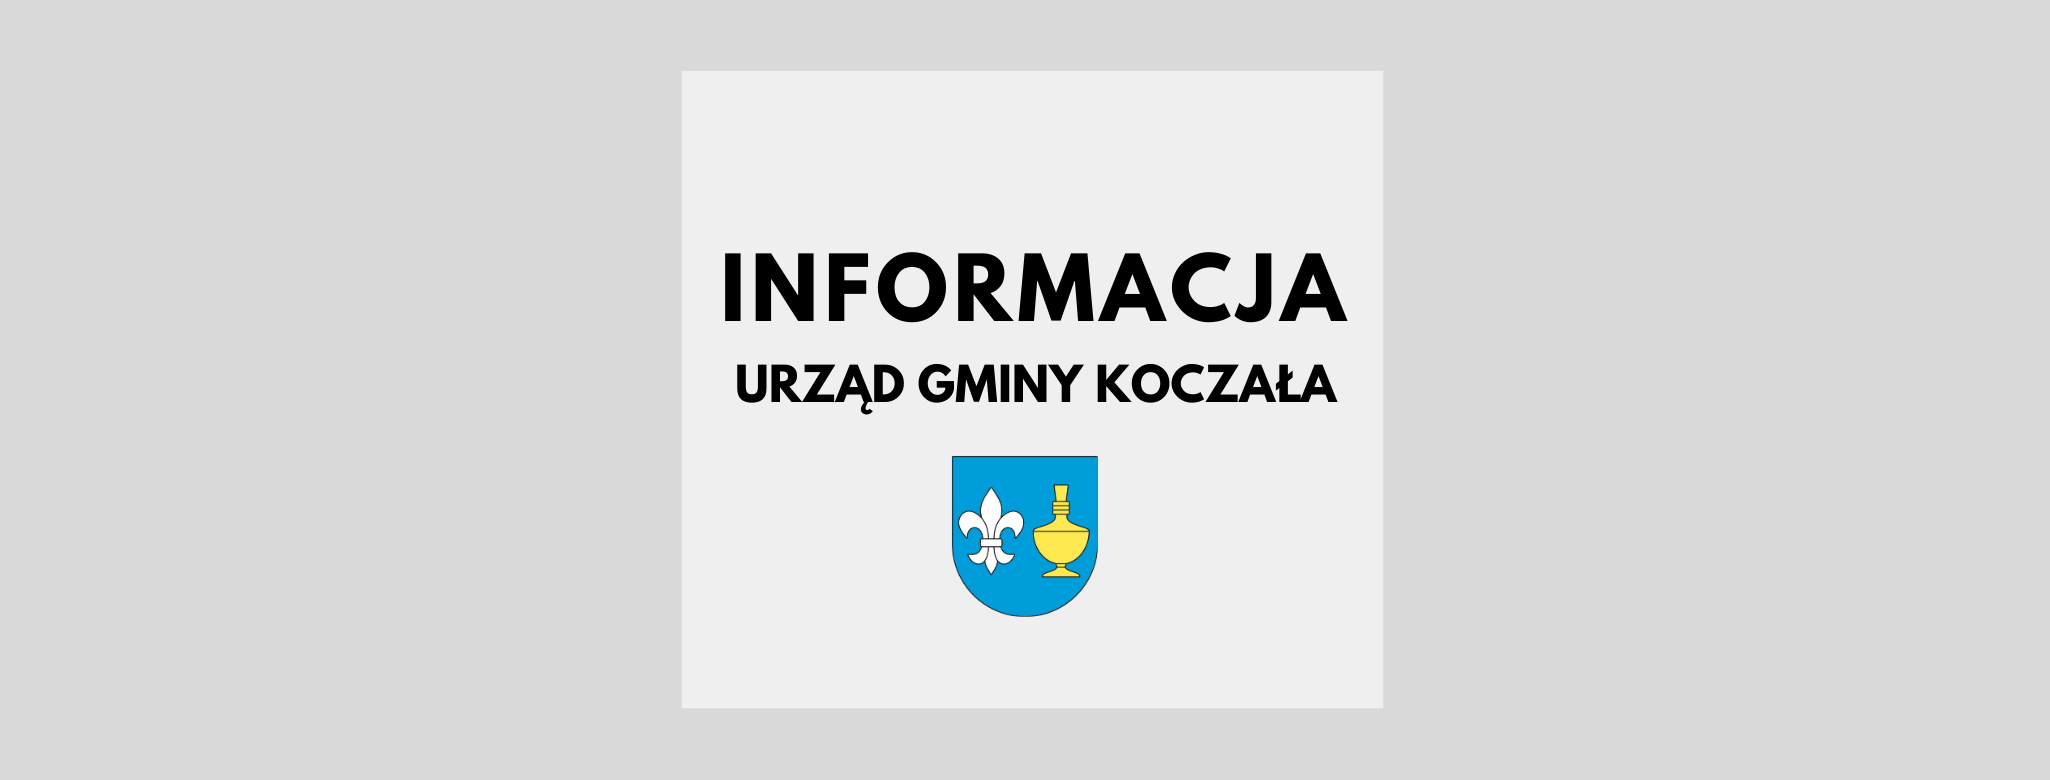 nagłówek graficzny o treści: informacja urząd Gminy Koczała